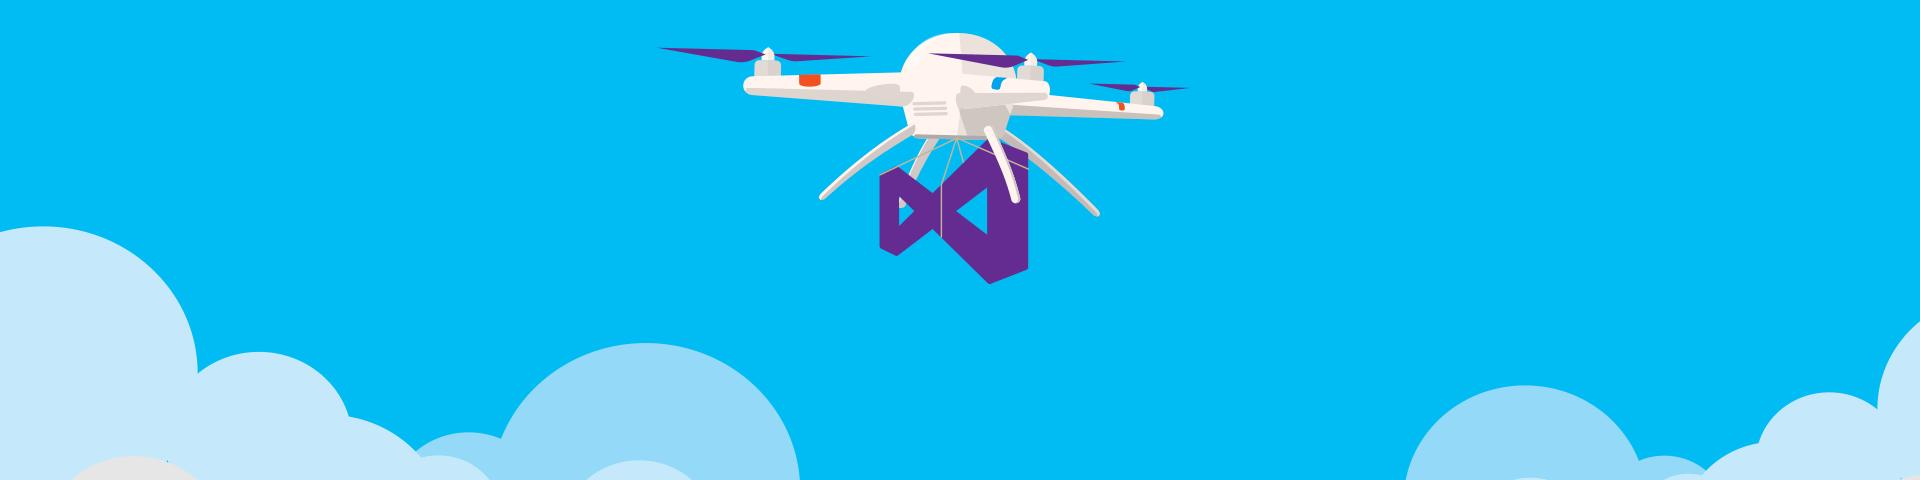 Ilustração de um drone carregando o logotipo do Visual Studio durante o voo